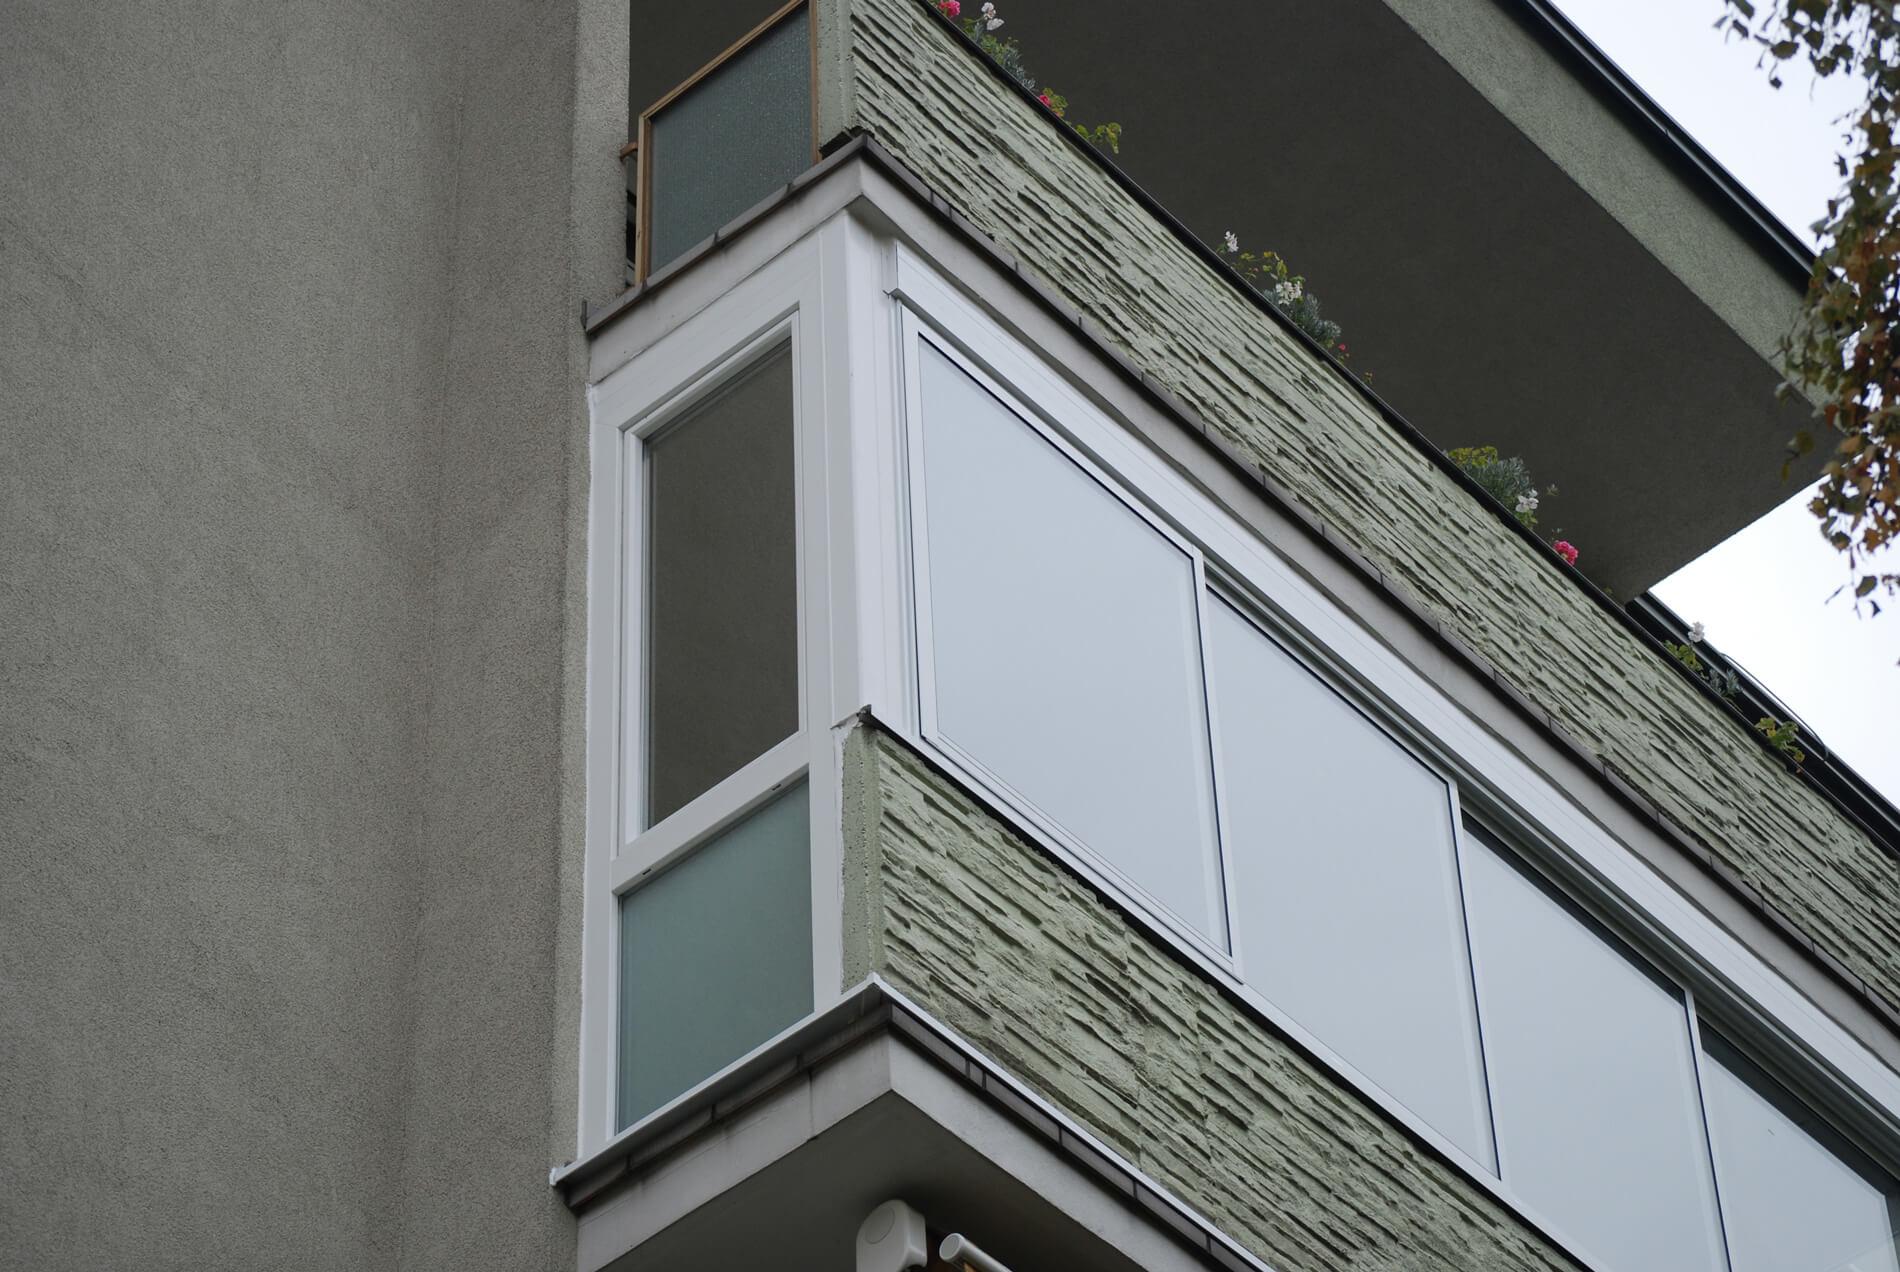 Balkonverglasung Schiebesystem Neher Multiraum